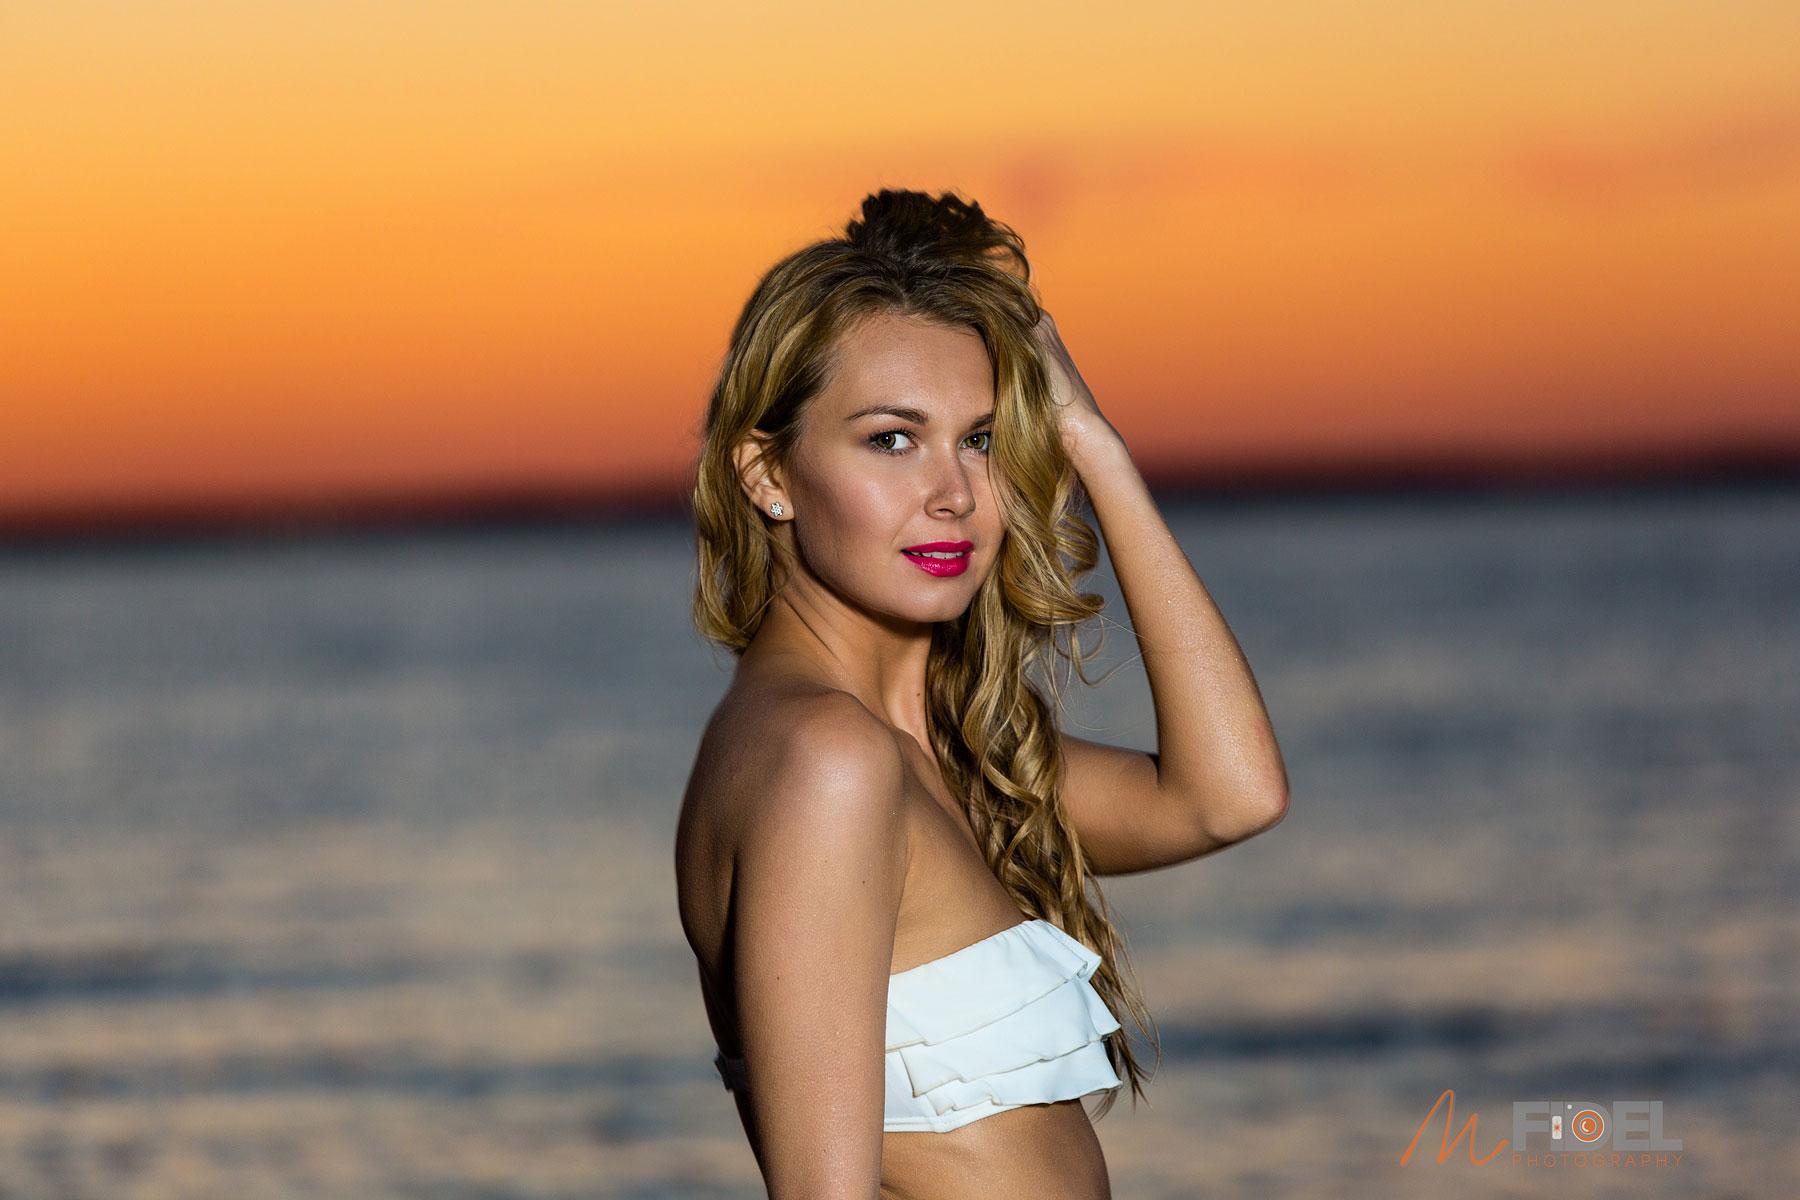 Hampton Bay Designer Swimwear Photoshoot at Sunset Beach--203